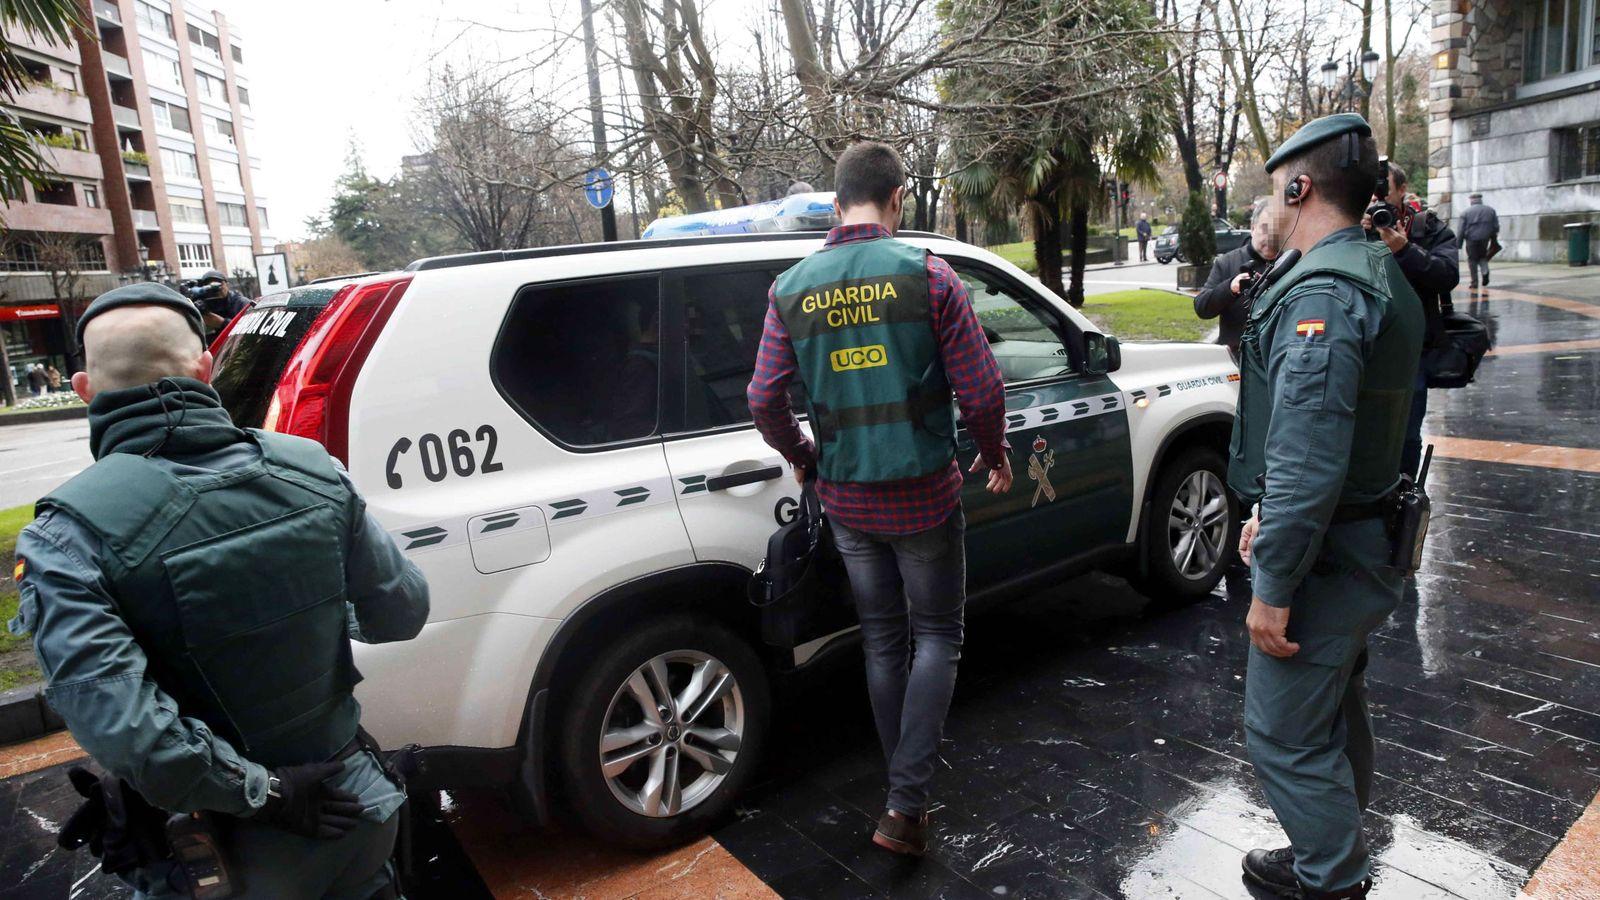 Foto: Agentes de la Unidad Central Operativa (UCO) de la Guardia Civil registran la sede del sindicato UGT, en Oviedo. (EFE)